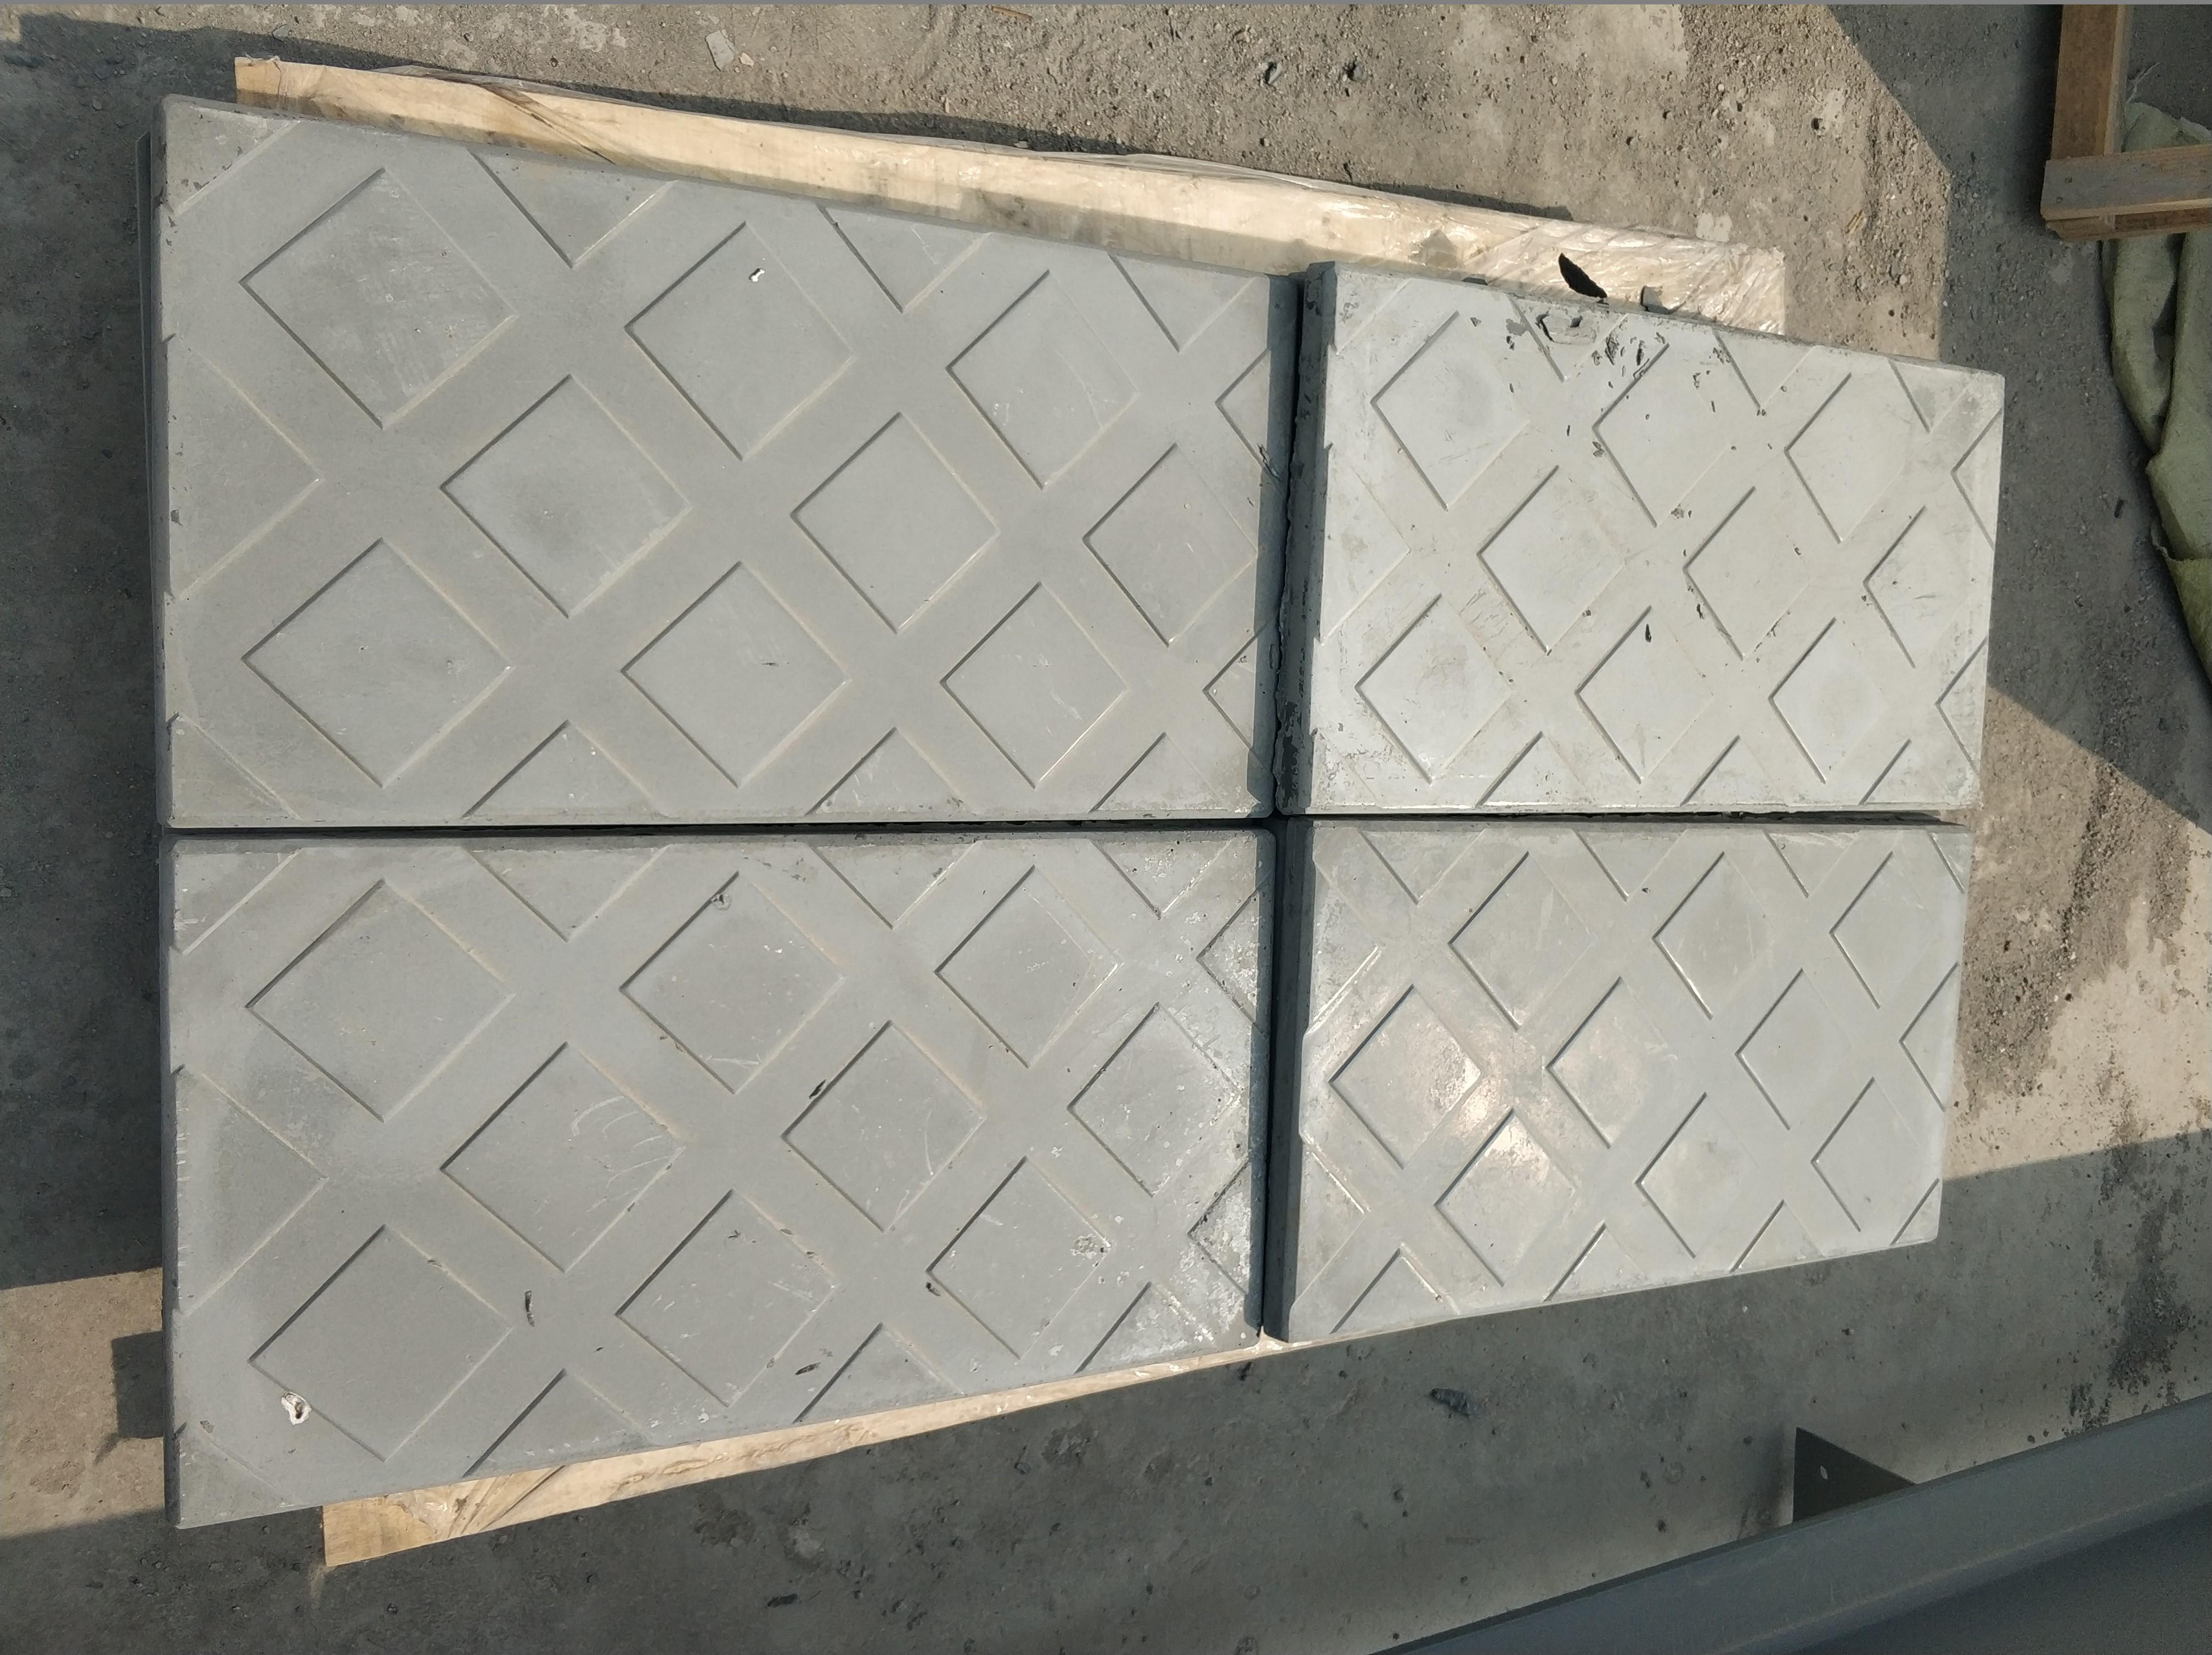 电缆沟盖板根据图纸要求进行钢筋的制作